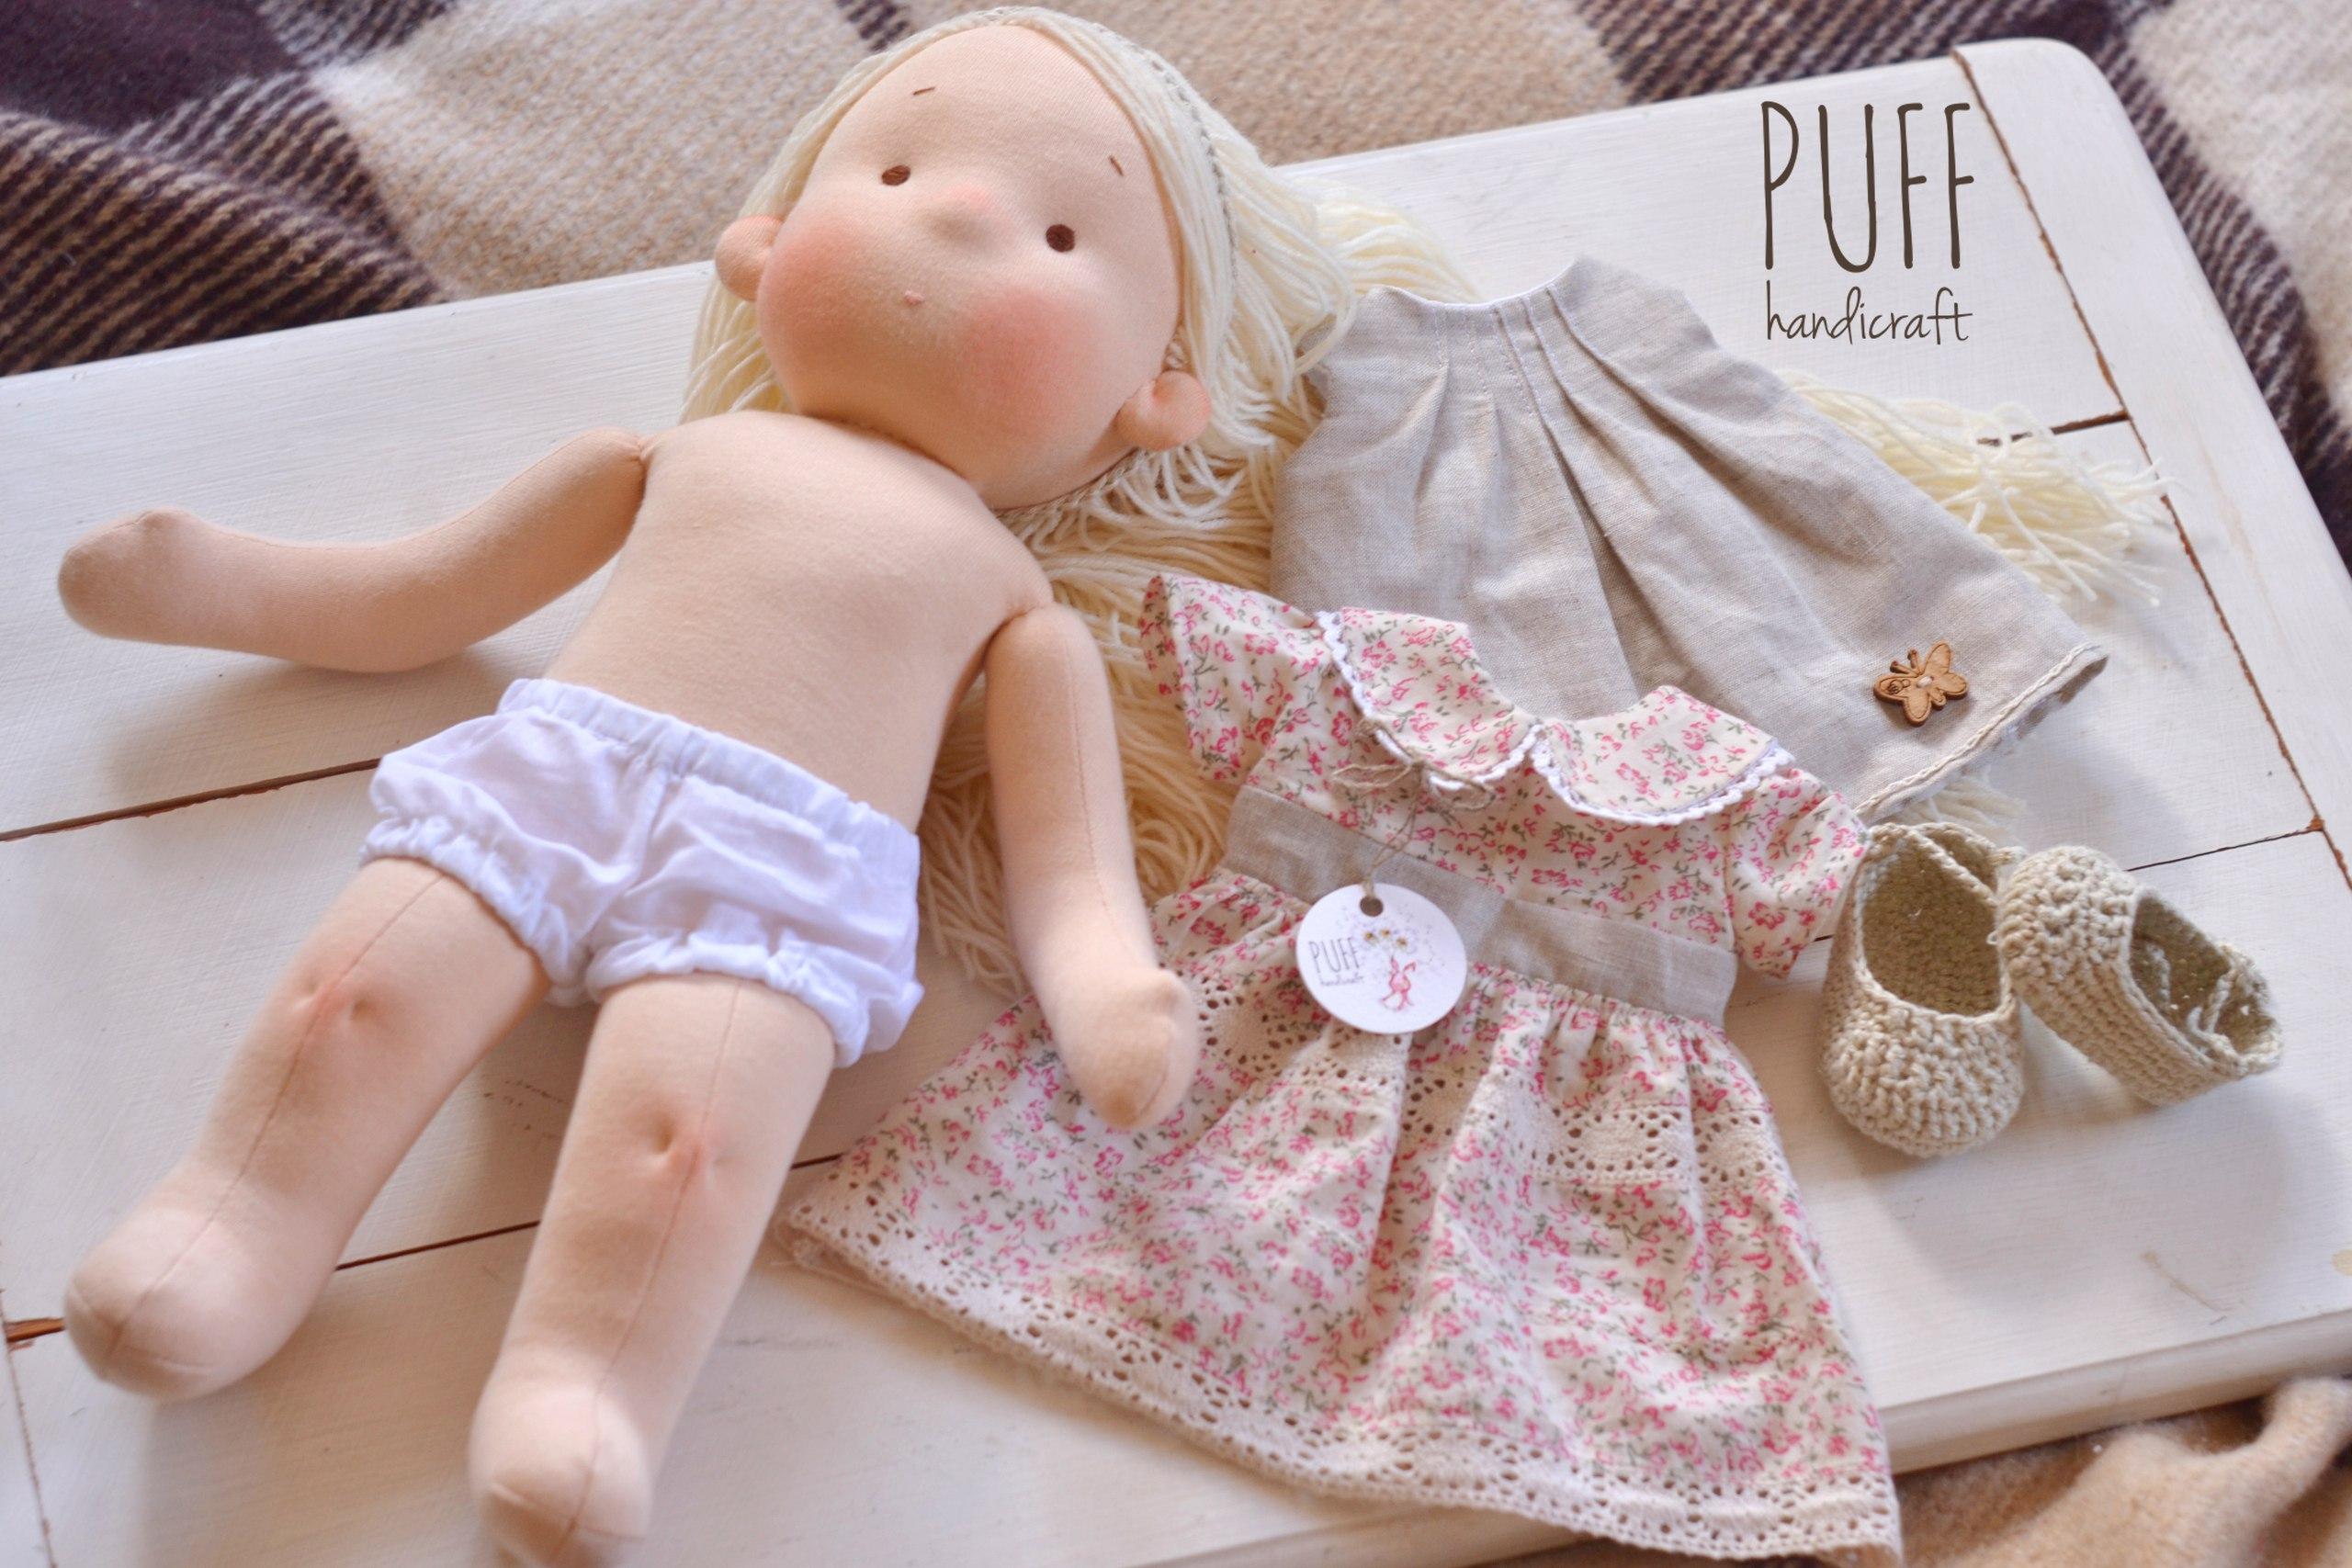 Вальдорфская кукла купить, вальдорфская кукла где можно купить, купить текстильную куклу ручной работы, купить игровые куклы